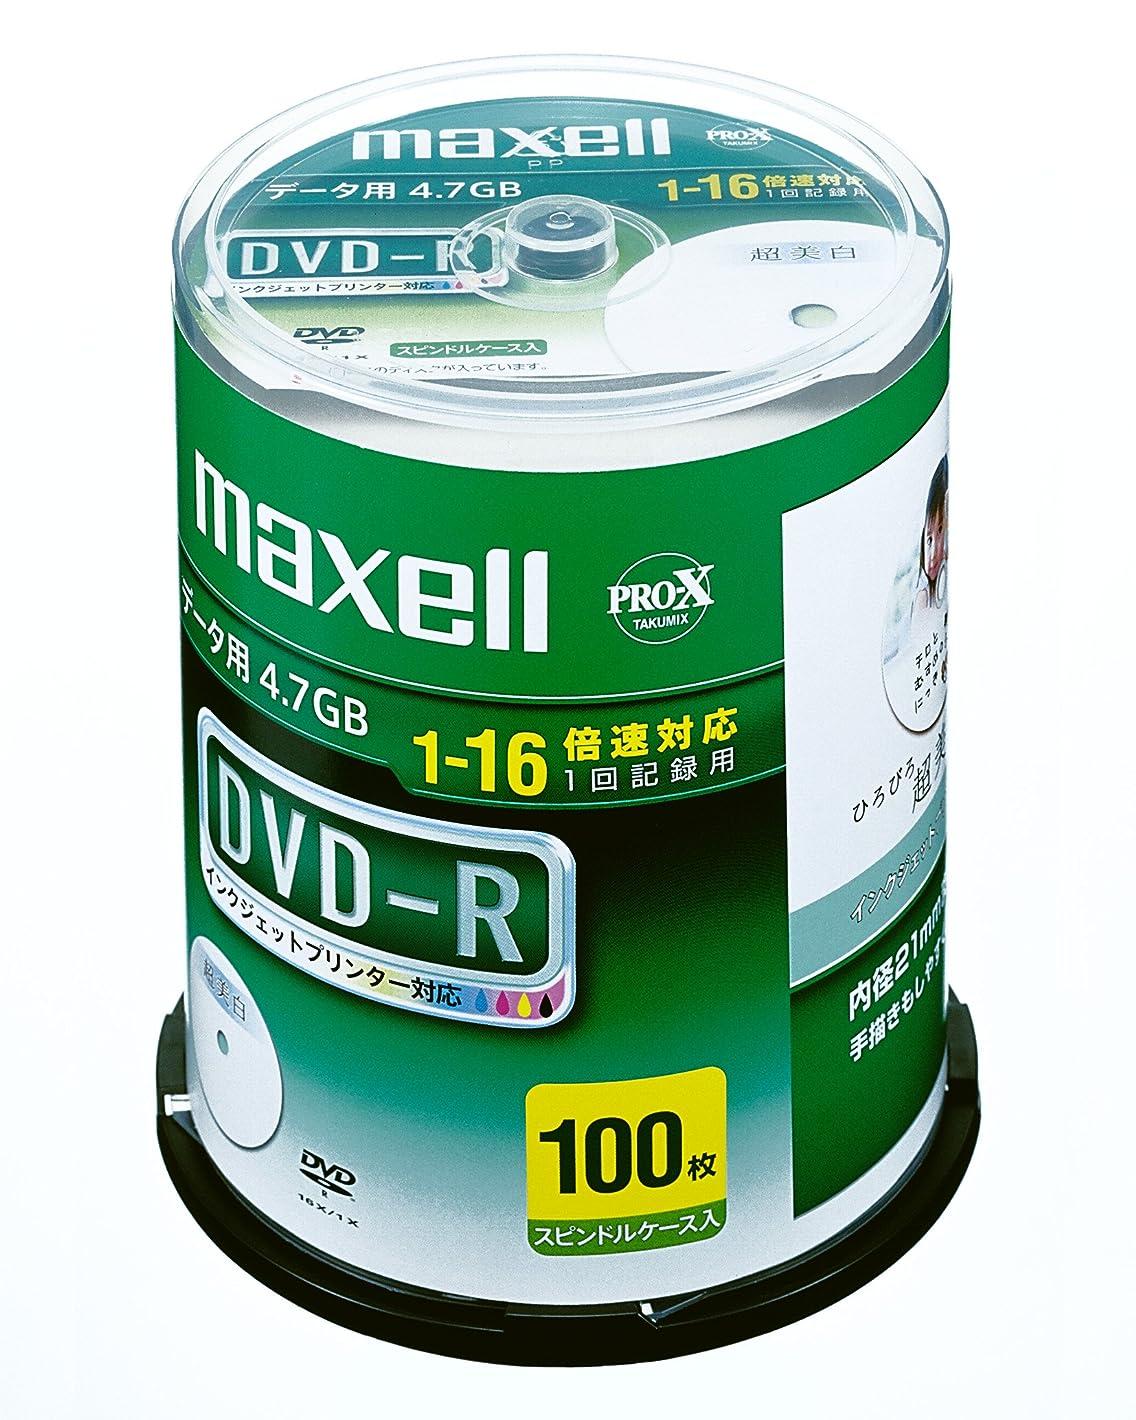 母どのくらいの頻度でキリマンジャロmaxell 録画用 CPRM対応 DVD-R DL 215分 8倍速対応 インクジェットプリンタ対応ホワイト(ワイド印刷) 10枚 5mmケース入 DRD215WPB.10S